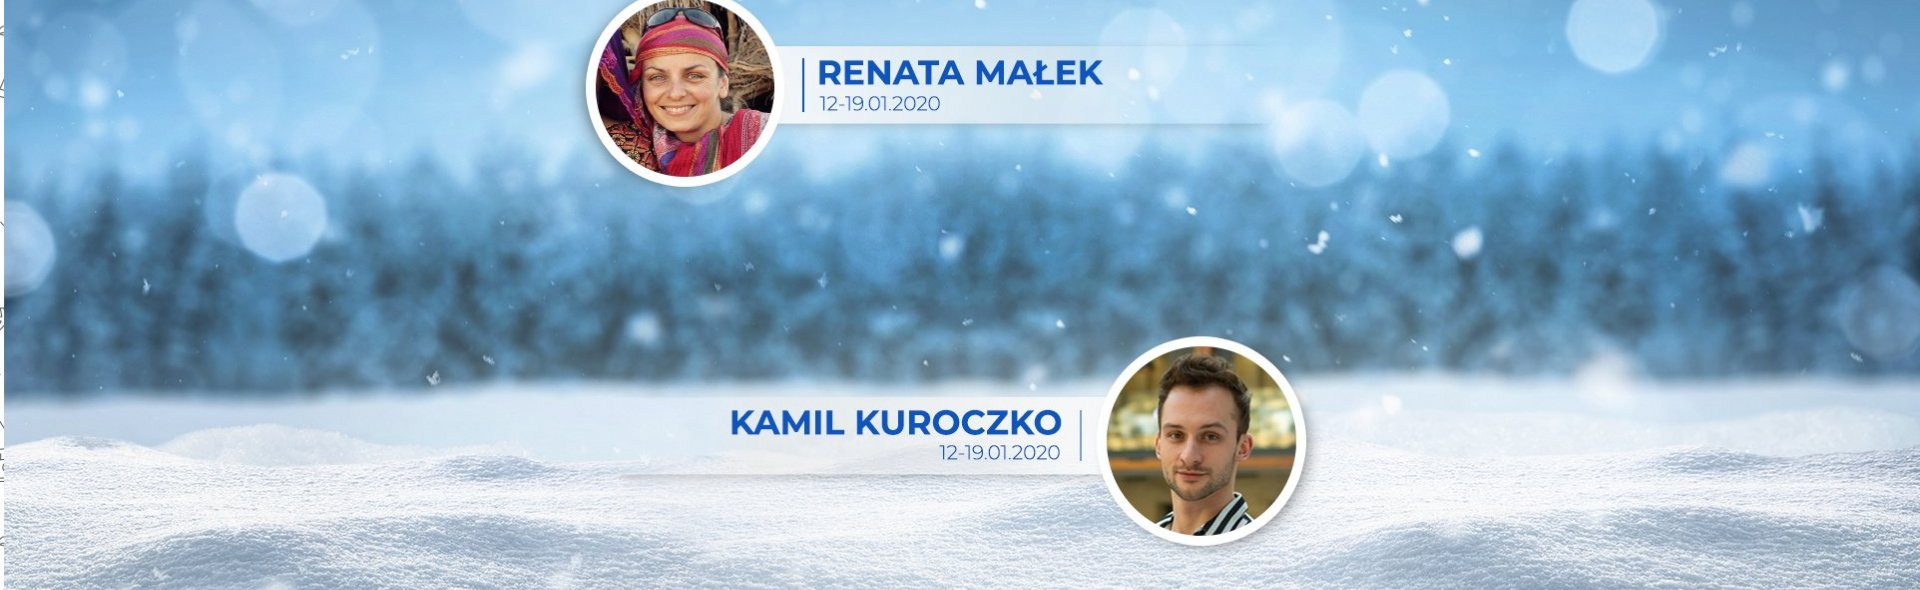 FERIE ODKRYWCÓW - I tydzień (13-19.01.2020) z Renatą Małek i Kamilem Kuroczko